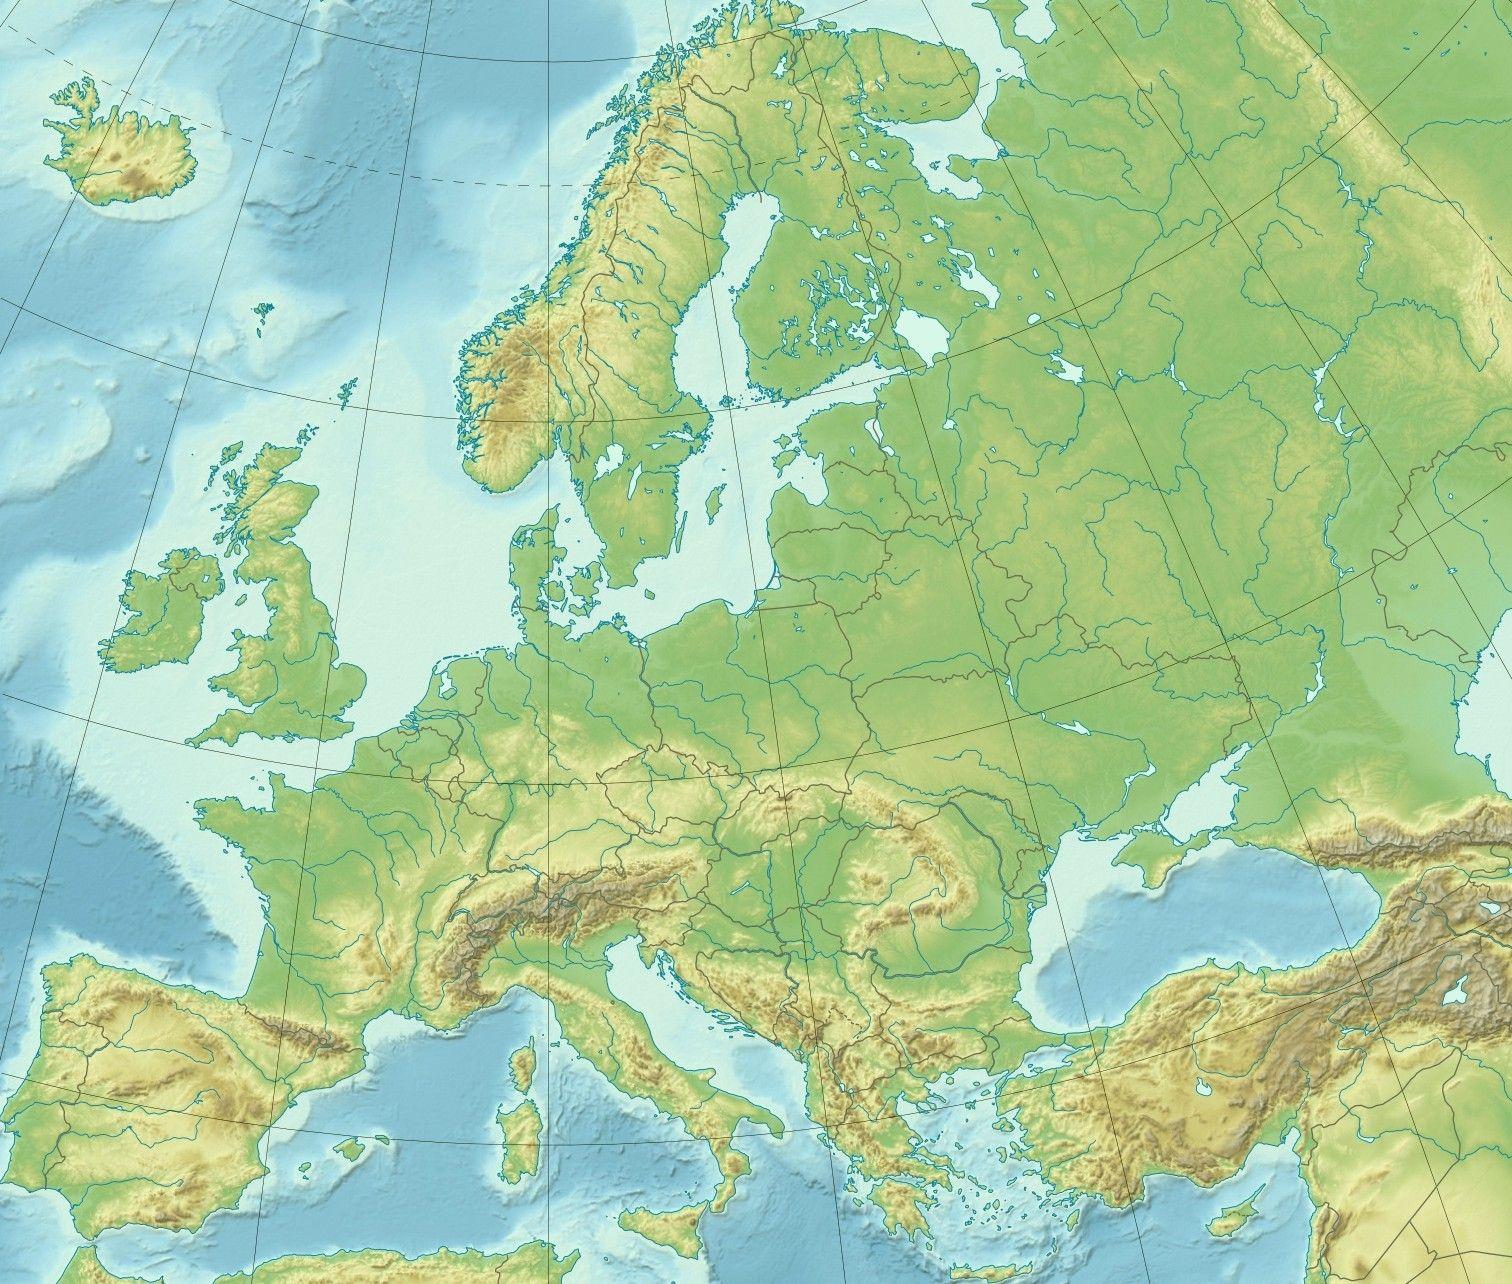 Carte Routiere Crete En Francais.Cartes De L Europe Et Informations Sur Le Continent Europeen